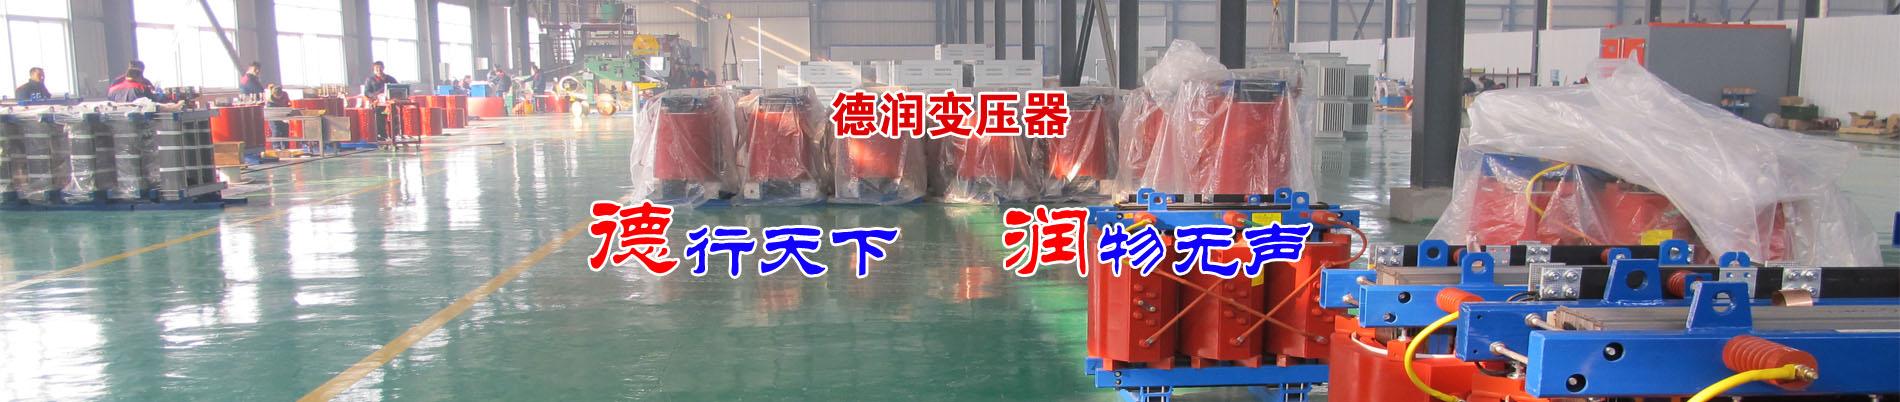 巴彦淖尔干式变压器厂